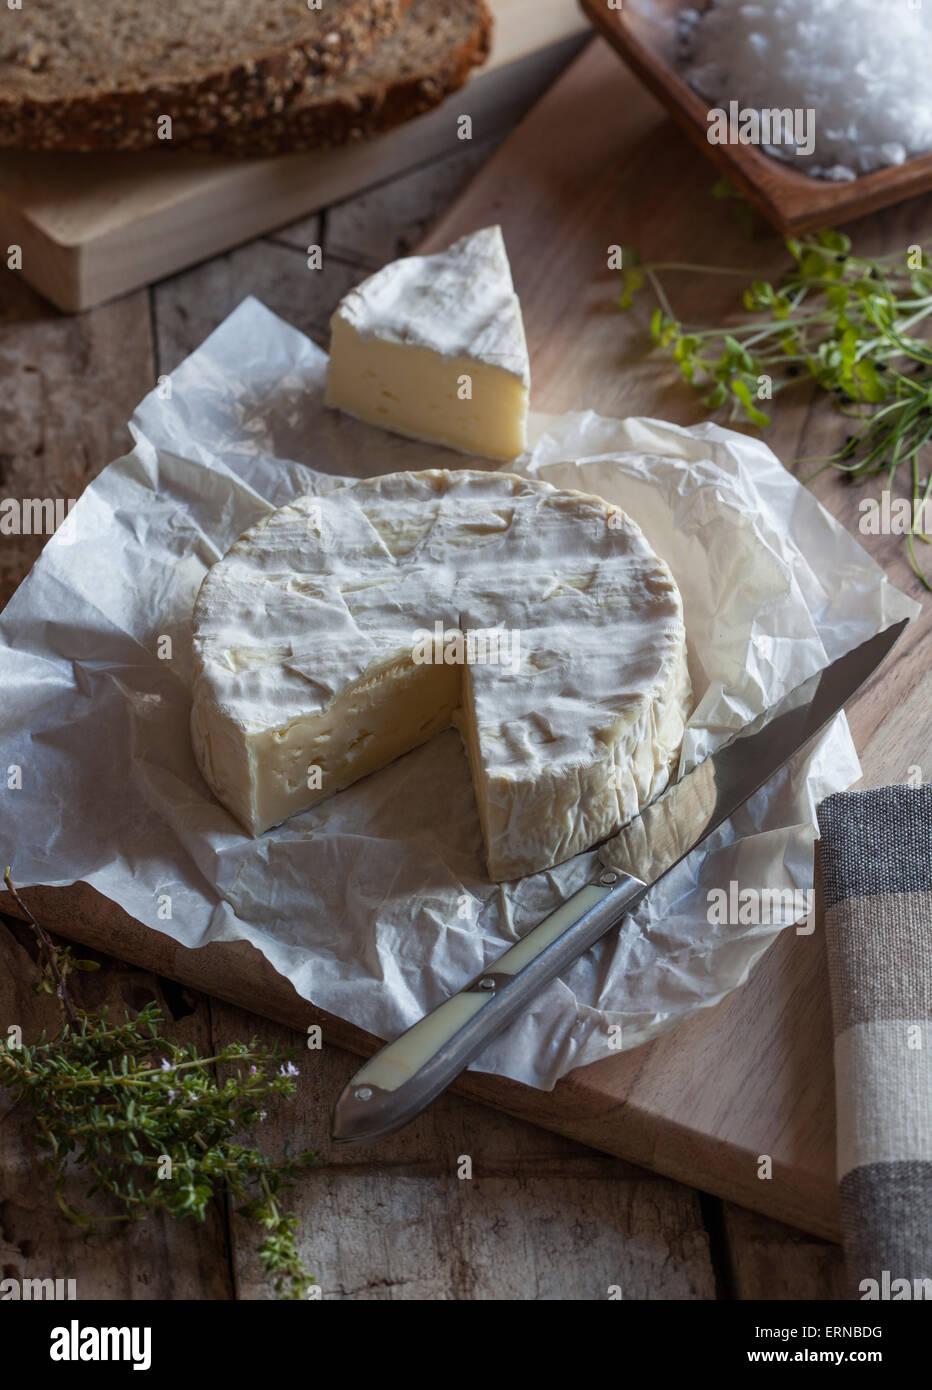 Un morceau de camembert sur une planche à découper, un couteau et des herbes. Photo Stock